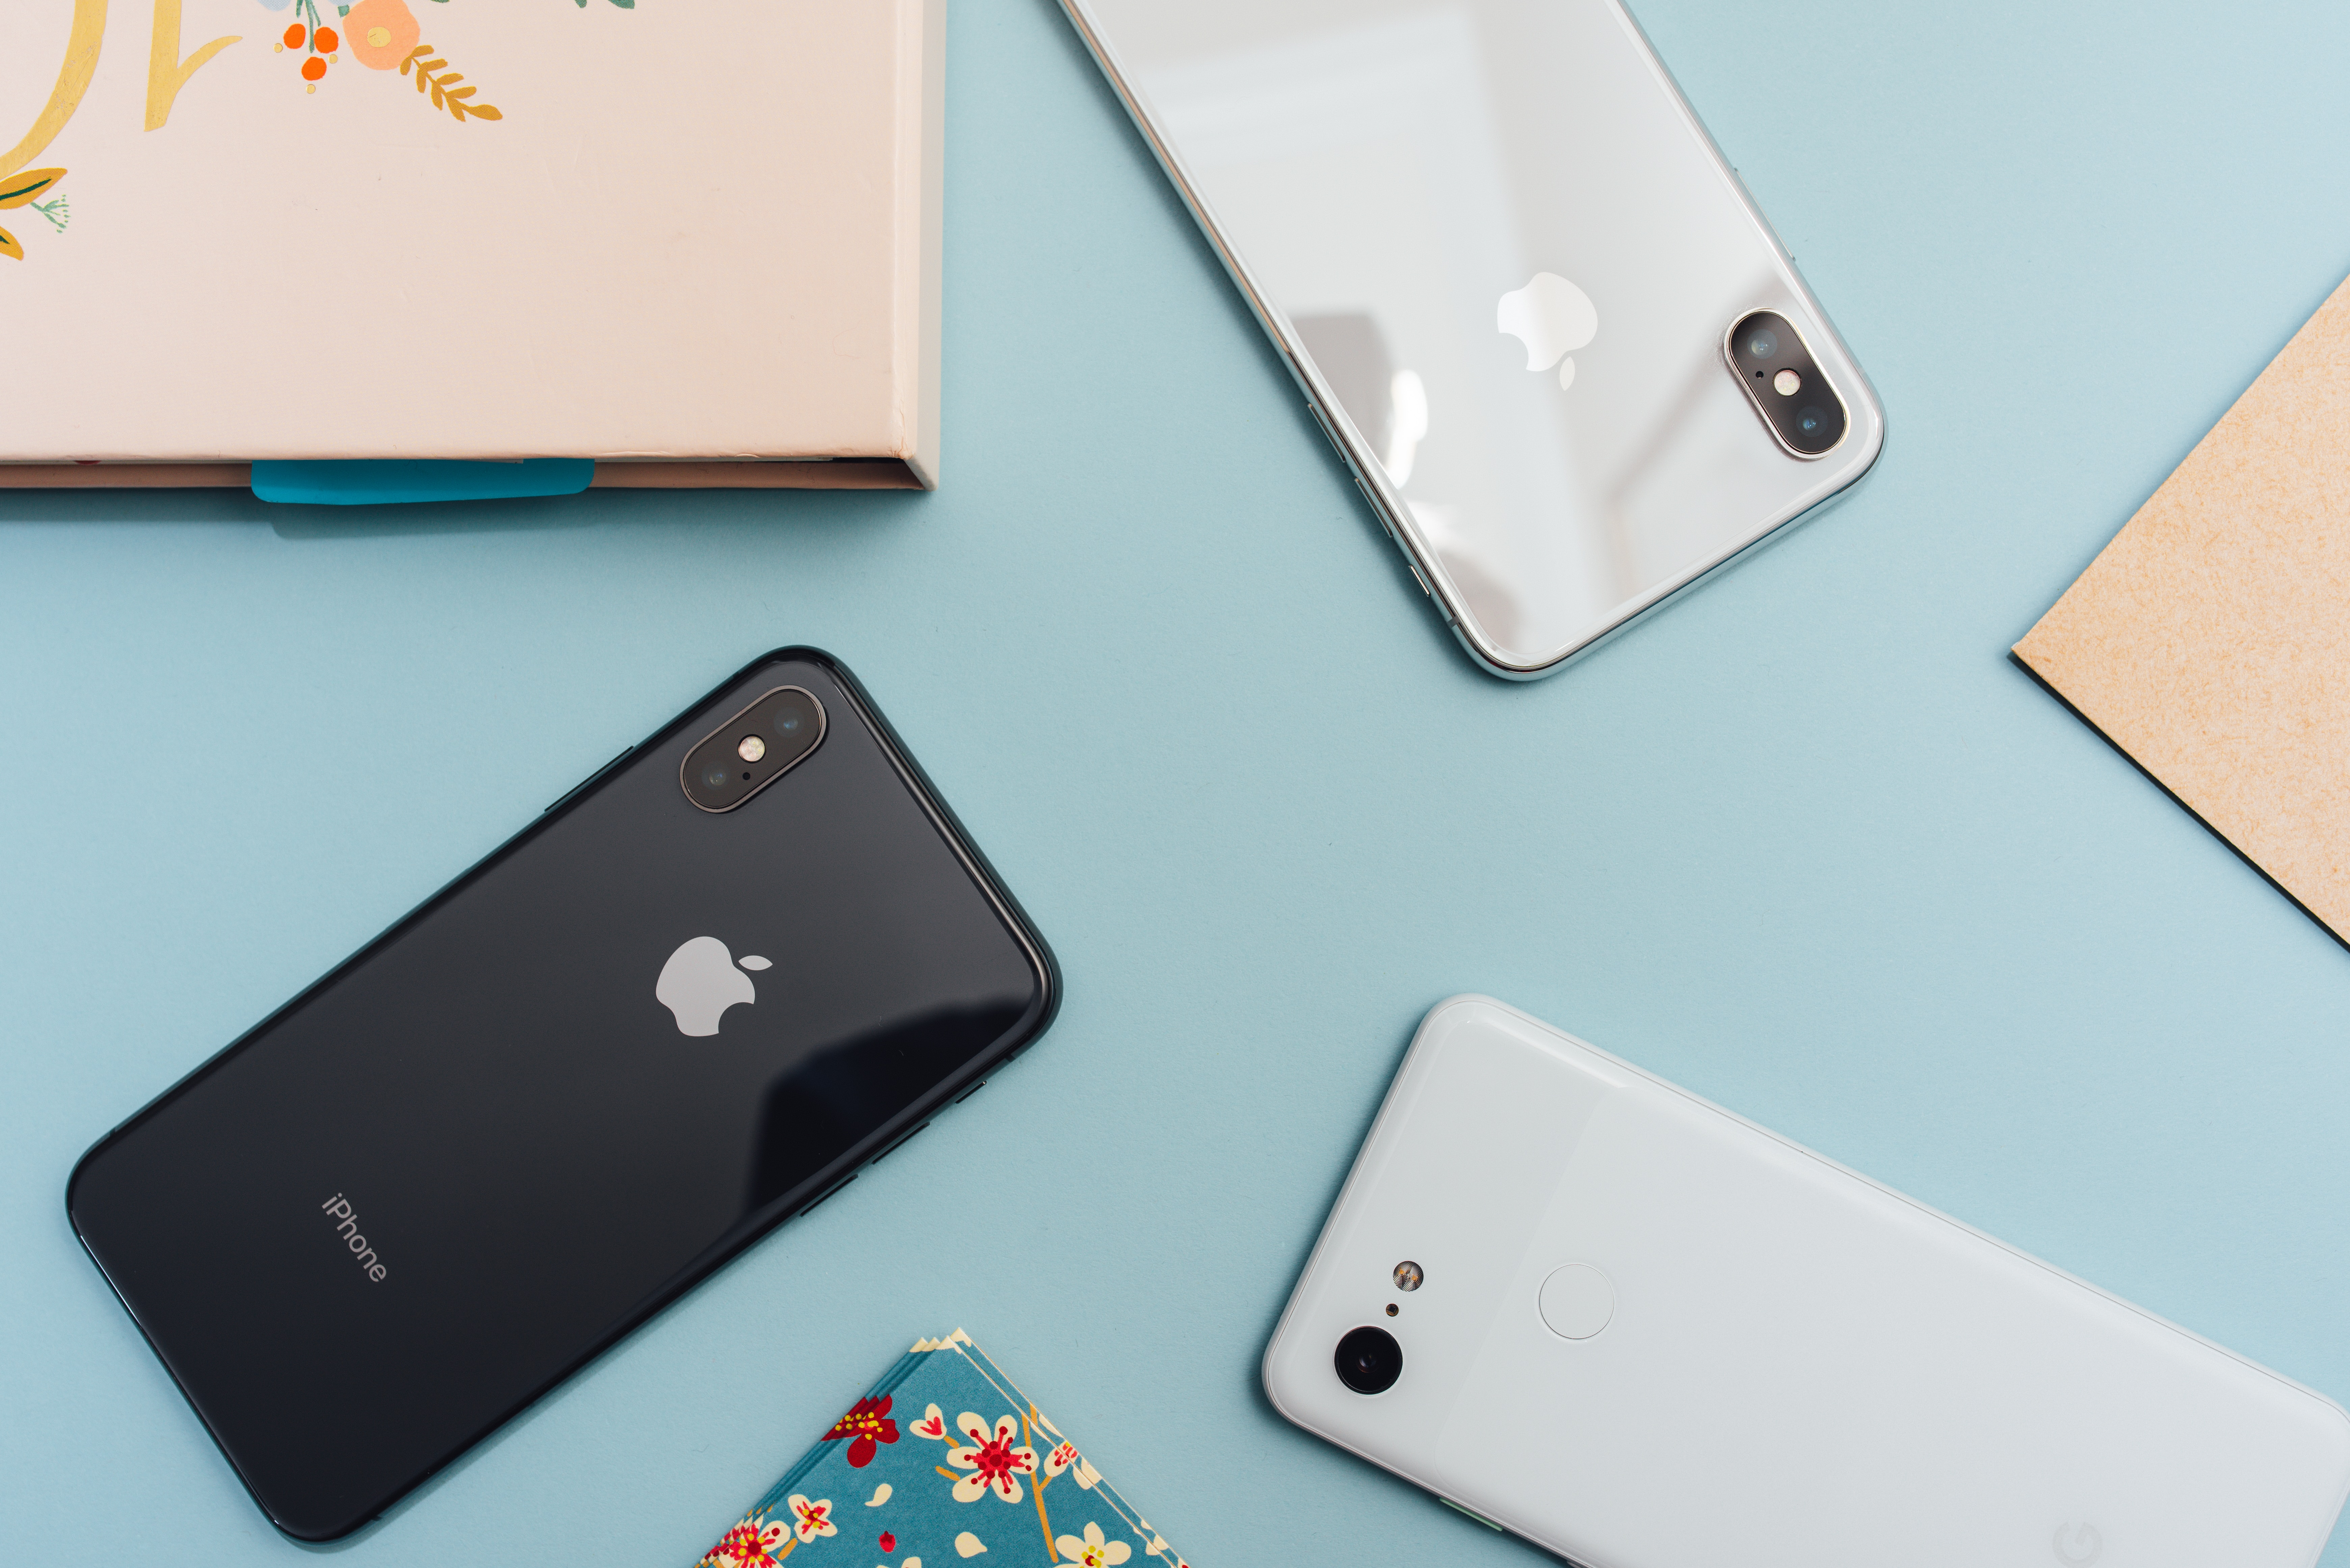 Köp Iphone skärm hos iXpress!